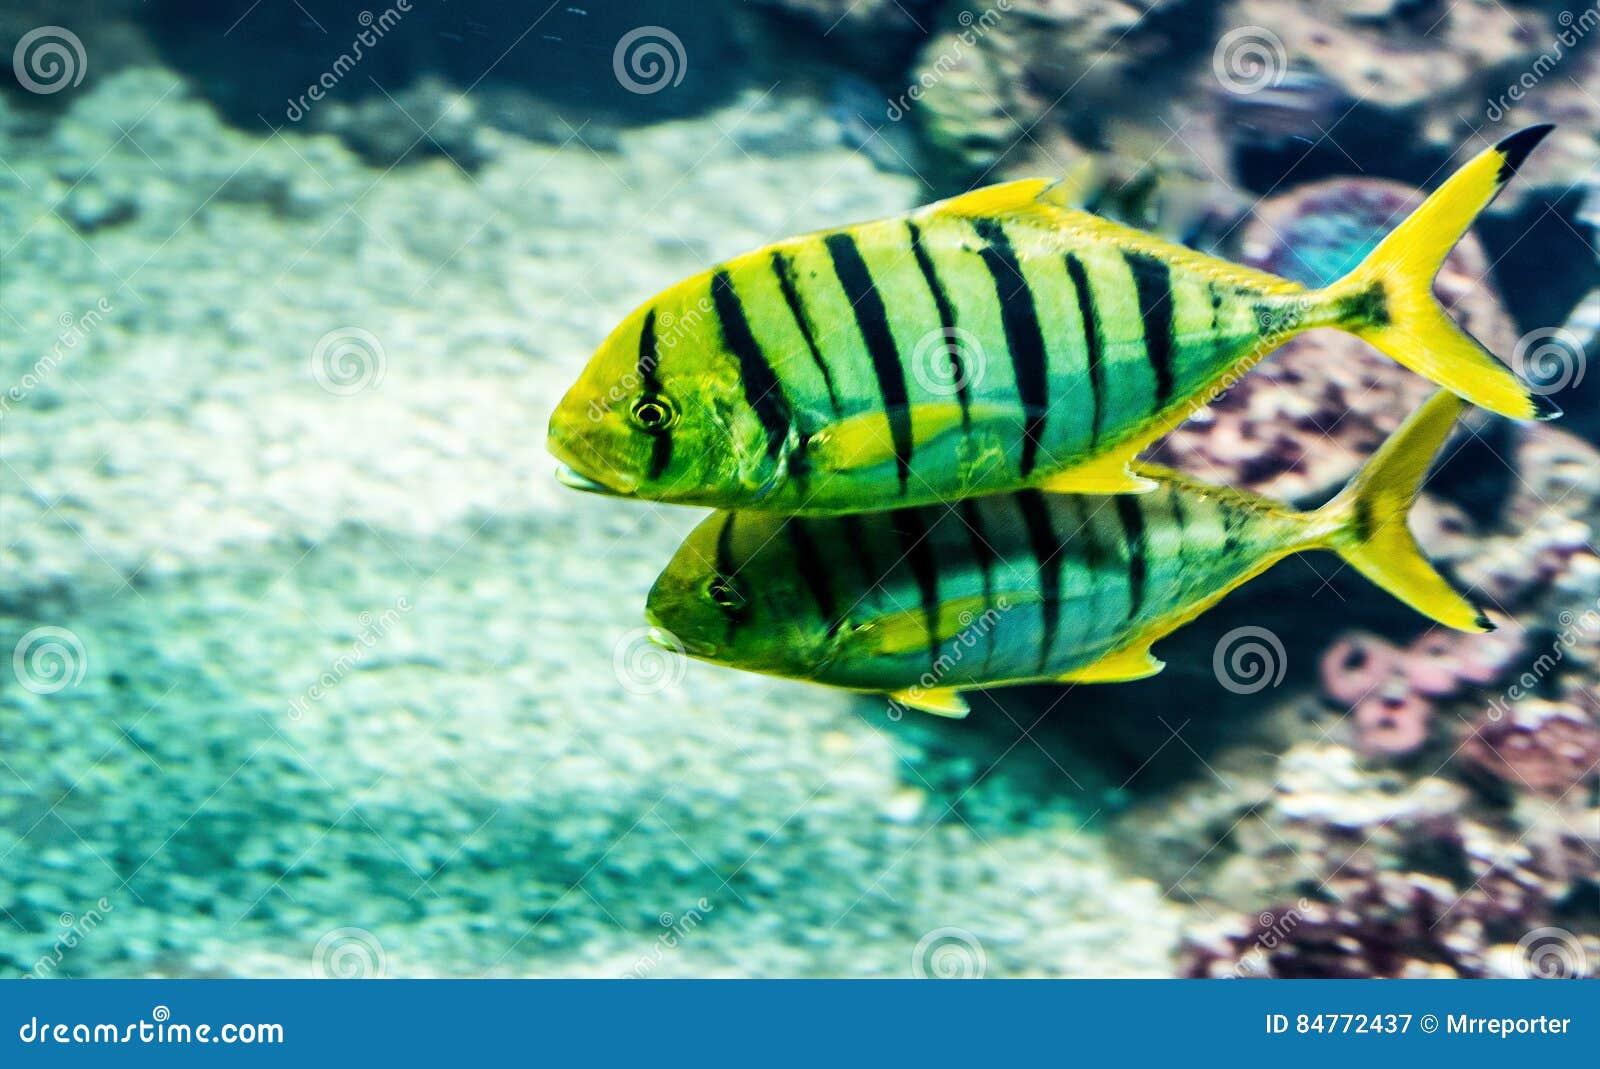 Goggle Eye Mackerel Live Bait Fish Hook Tackle Stock Image ...